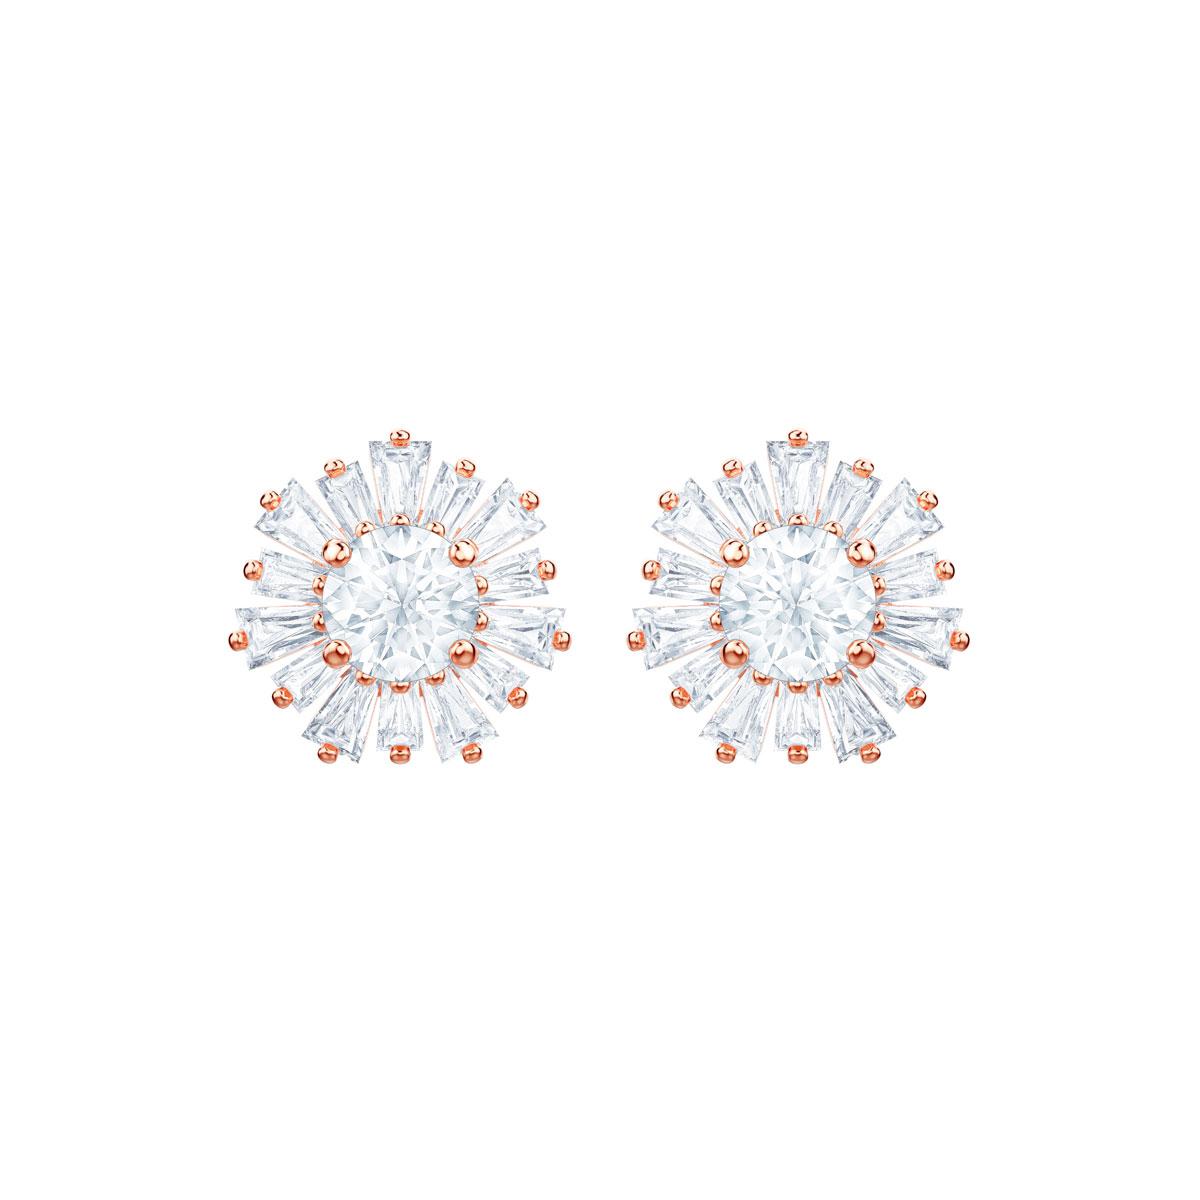 Swarovski Sunshine Pierced Earrings, White, Rose Gold